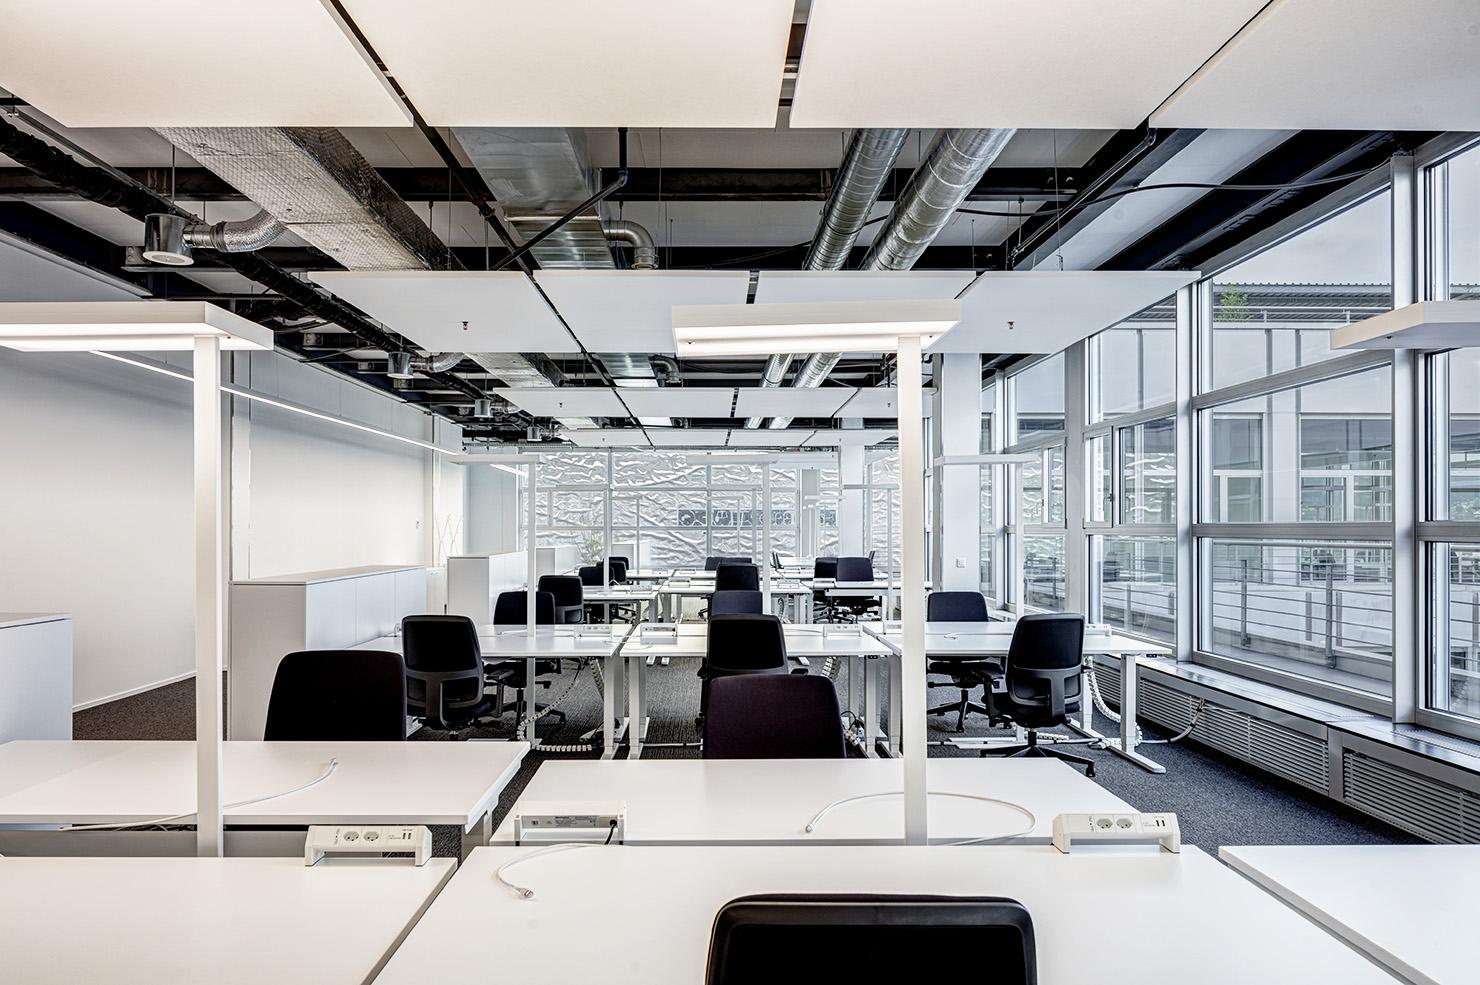 Privates Büro mieten, voll ausgestattet, officeLAB, flexibel arbeiten, Spreitenbach, Arbeitsplatz